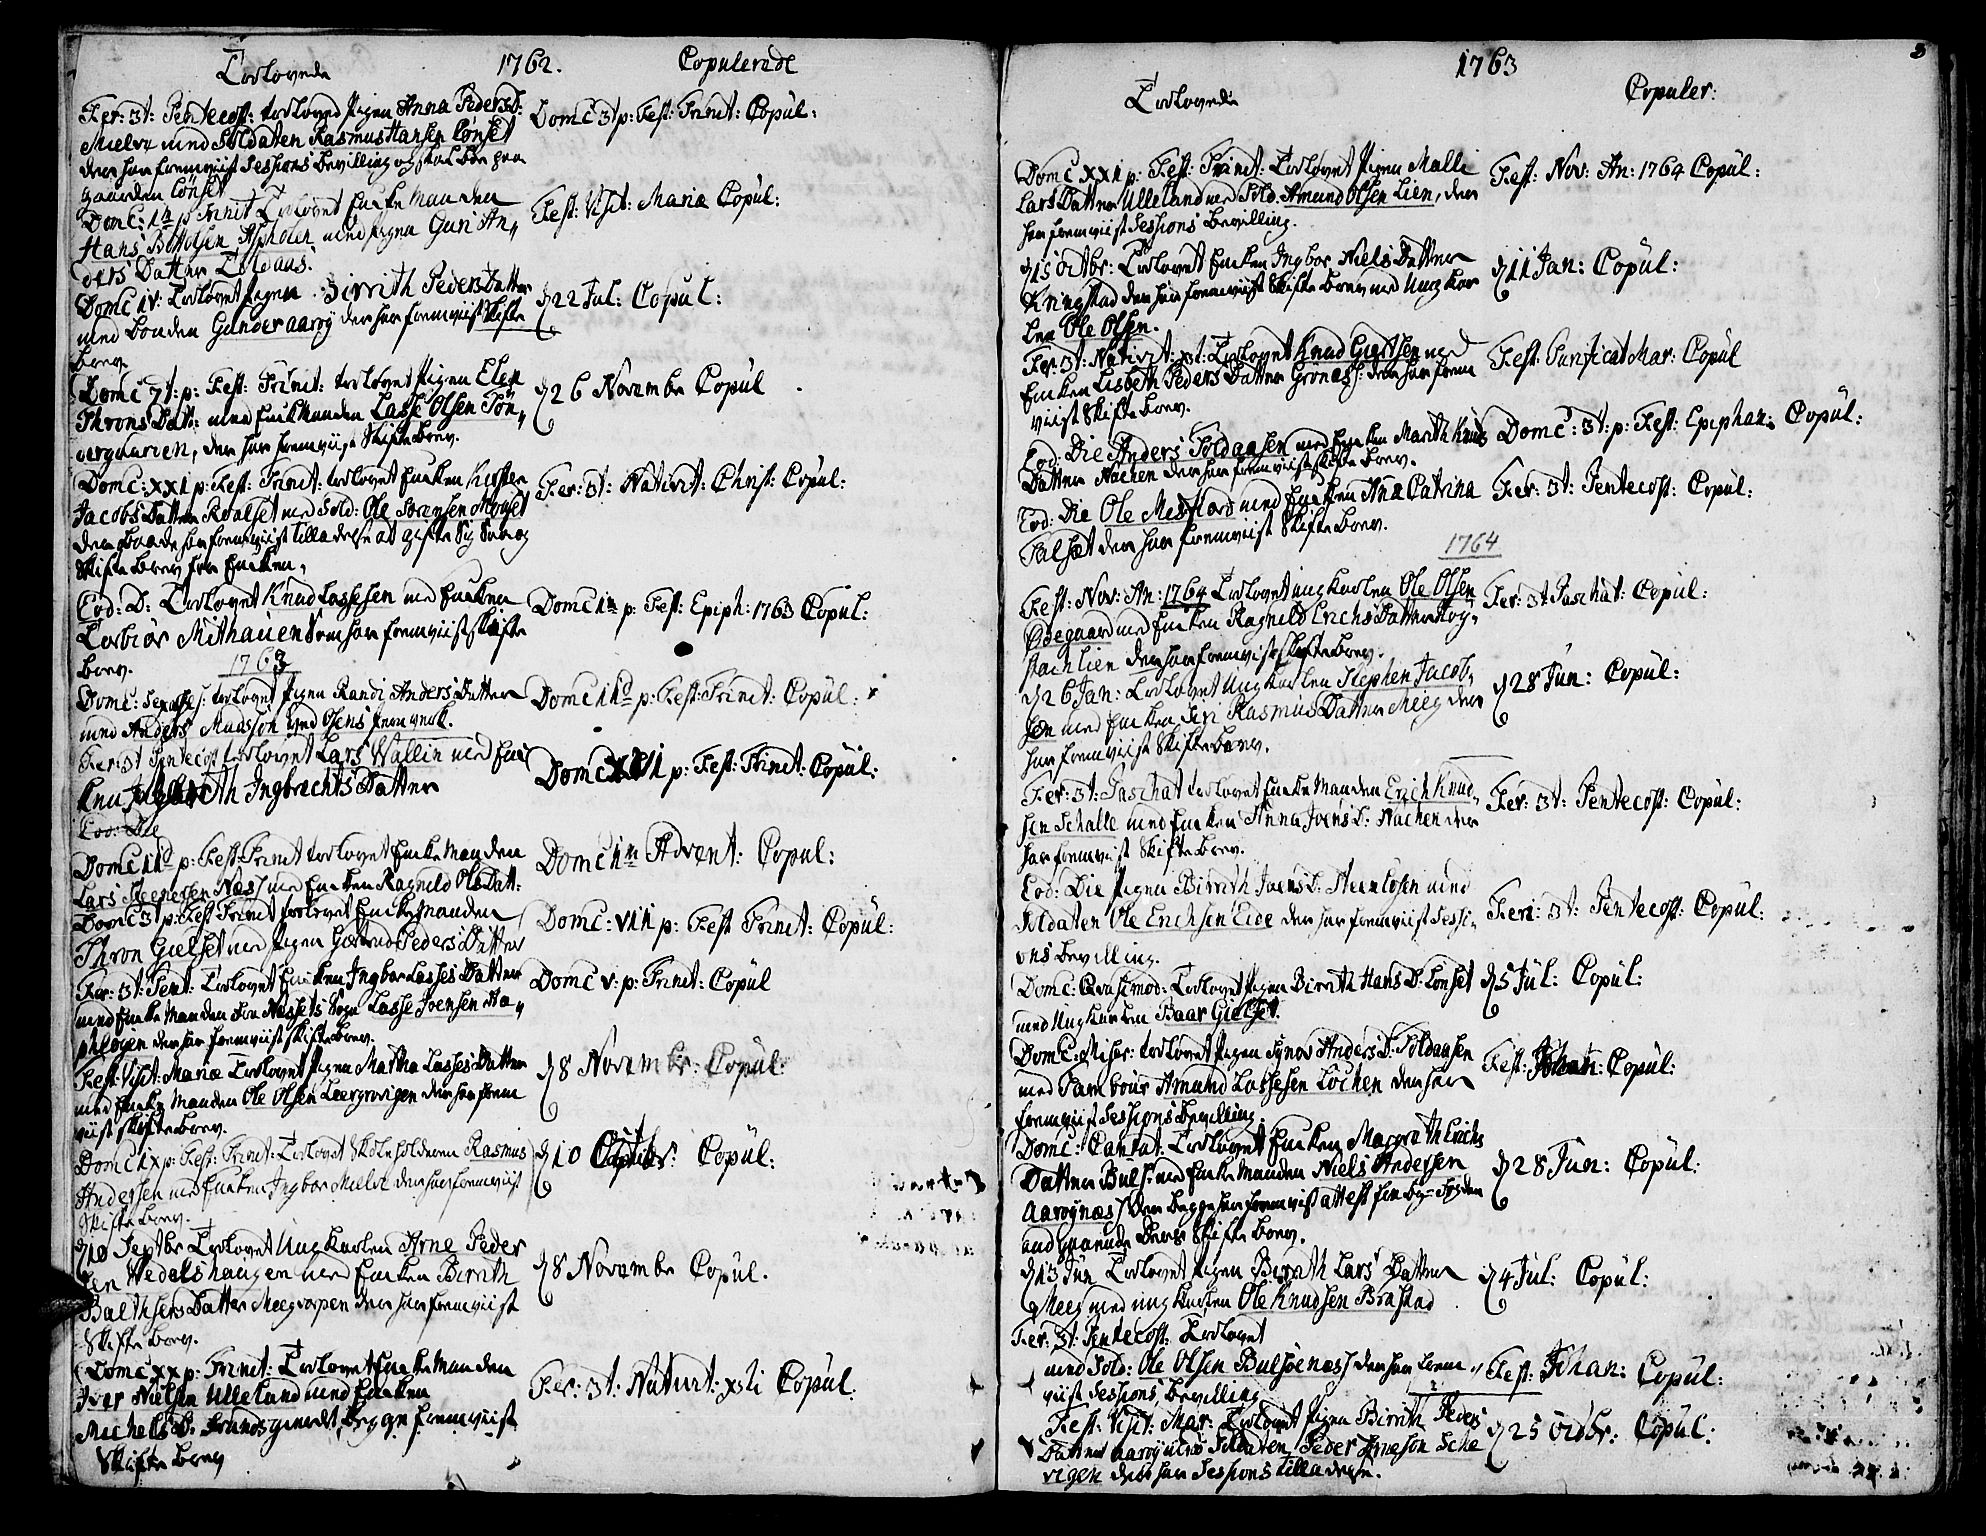 SAT, Ministerialprotokoller, klokkerbøker og fødselsregistre - Møre og Romsdal, 555/L0648: Ministerialbok nr. 555A01, 1759-1793, s. 3